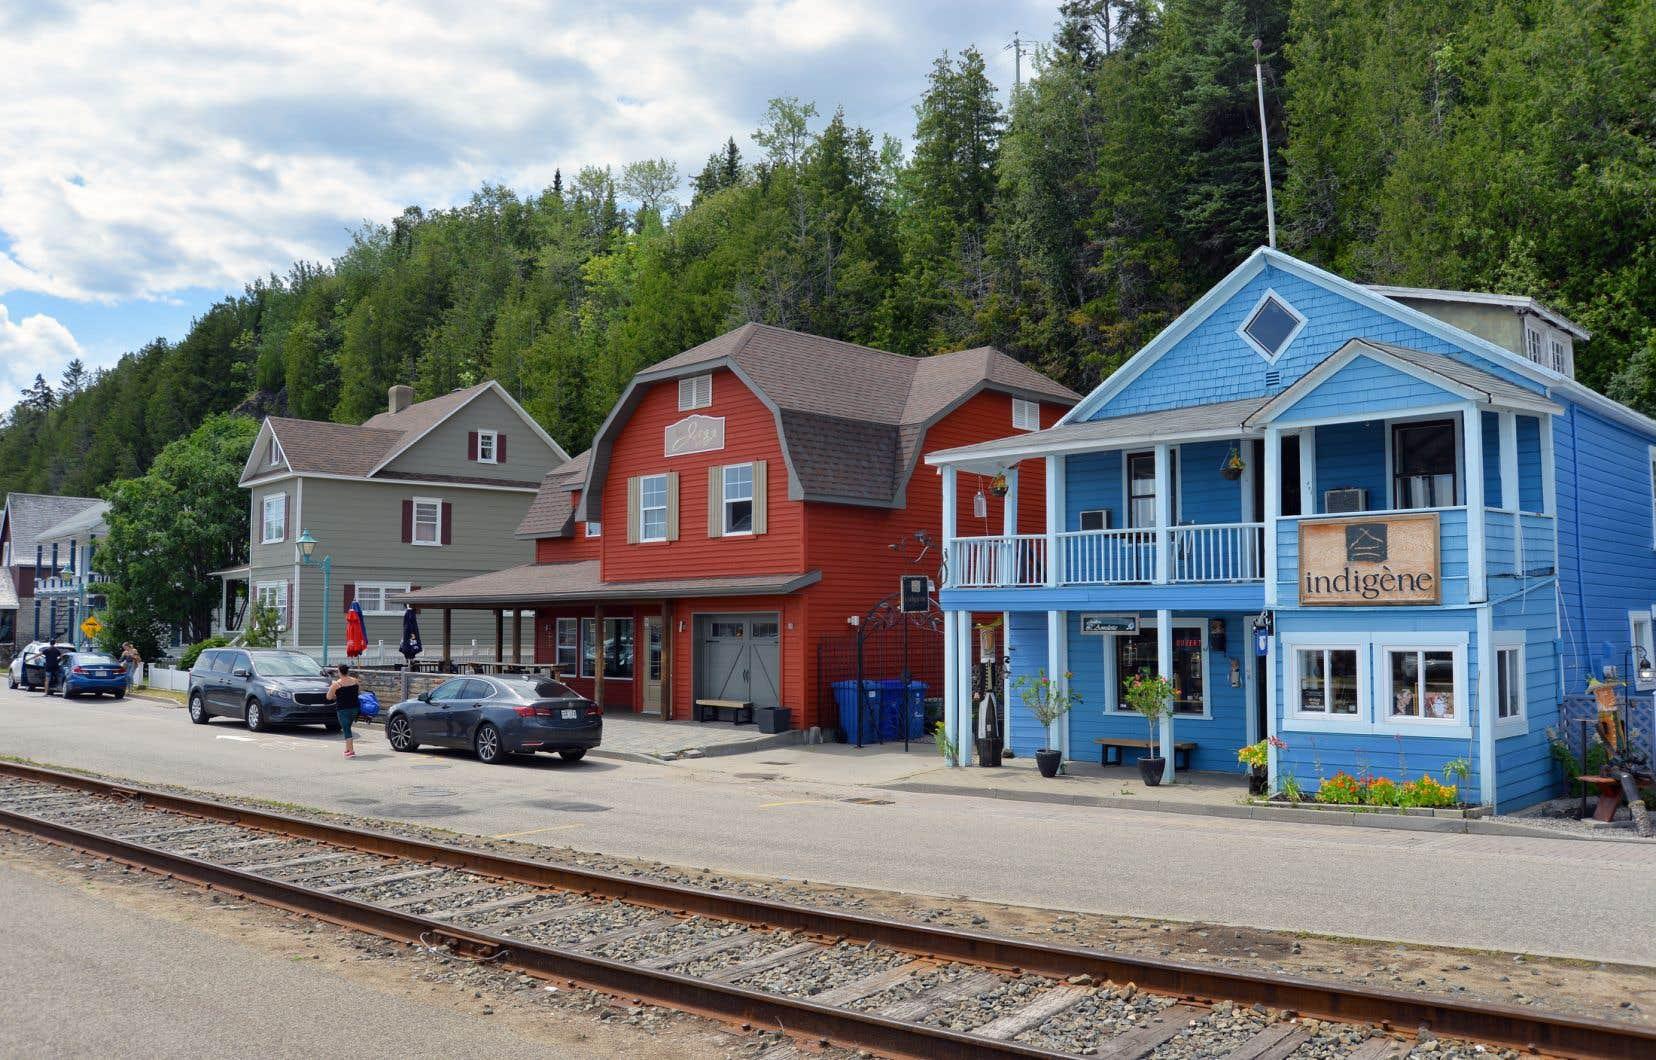 «Le Québec a besoin de ses cœurs de villes et de villages. Ils sont notre identité, notre lieu d'accueil par excellence, notre carte de visite collective», pensent les membres de la Coalition Coeurs de villes et villages.